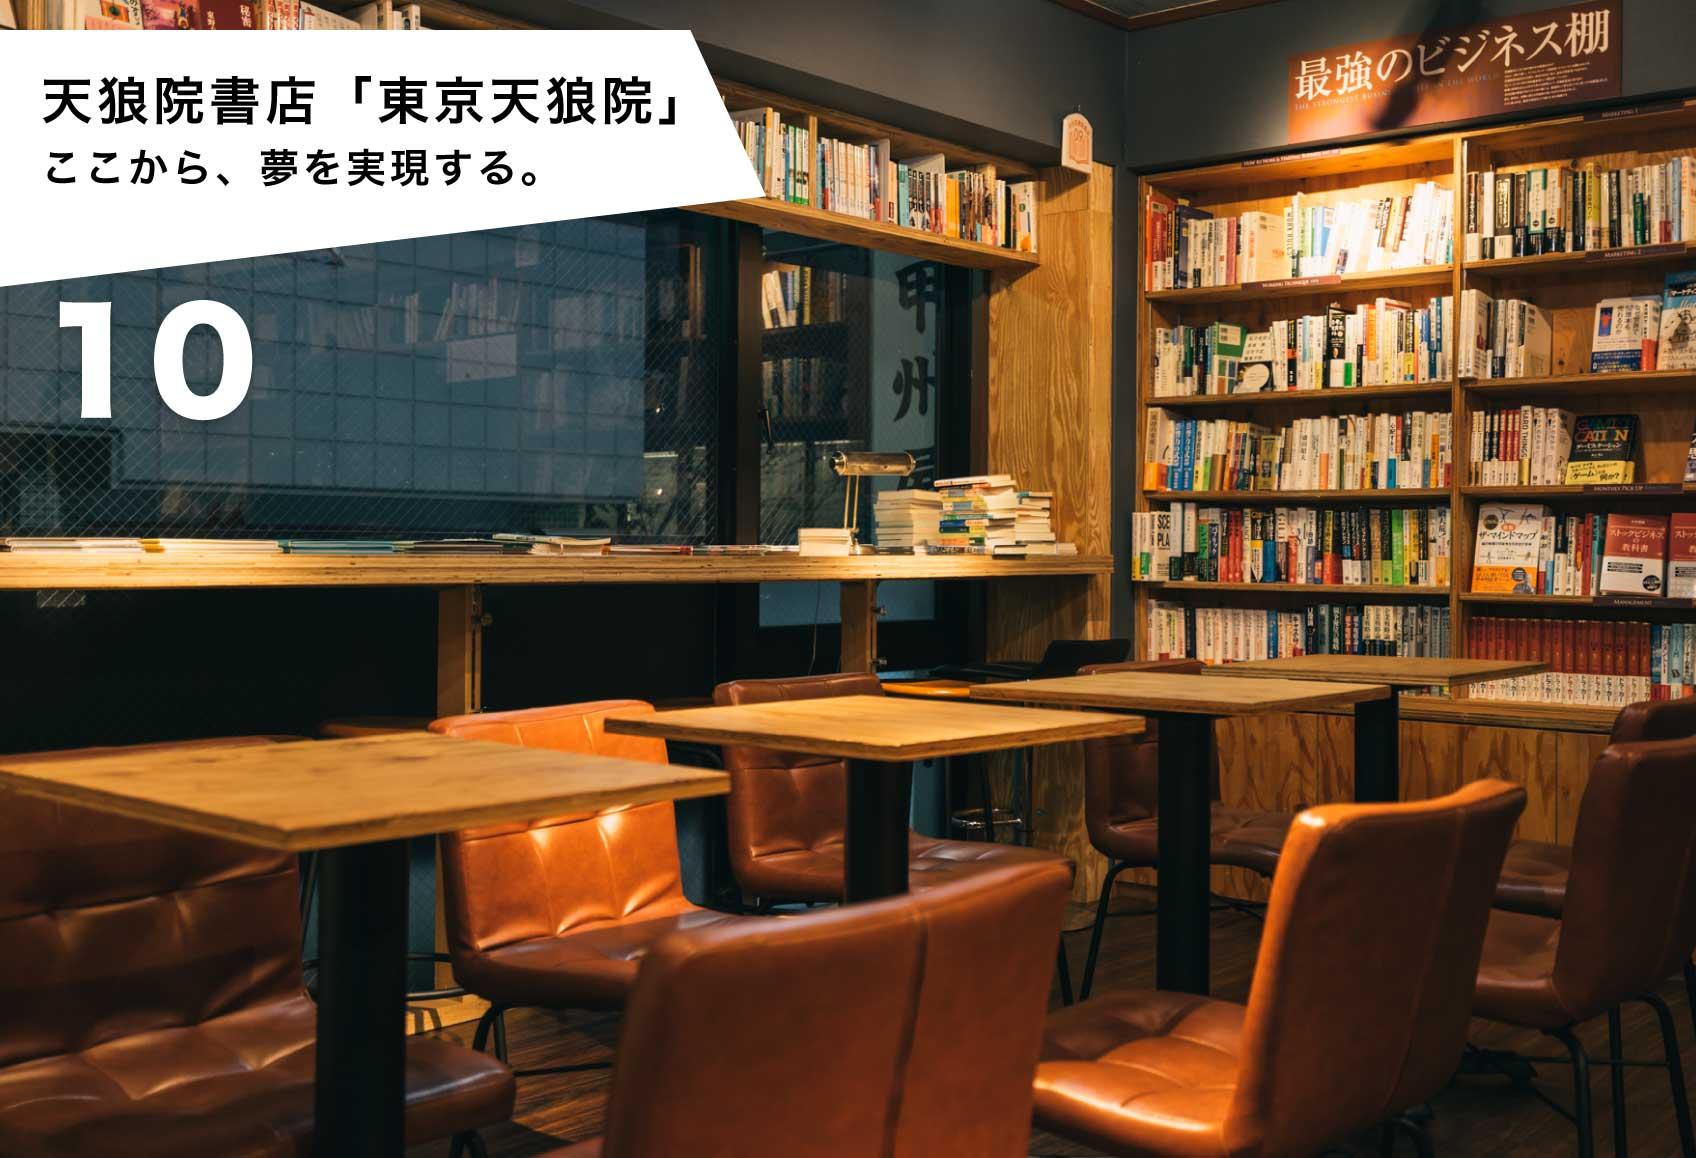 ここから、夢を実現する。『 天狼院書店「東京天狼院」(池袋・東京)』